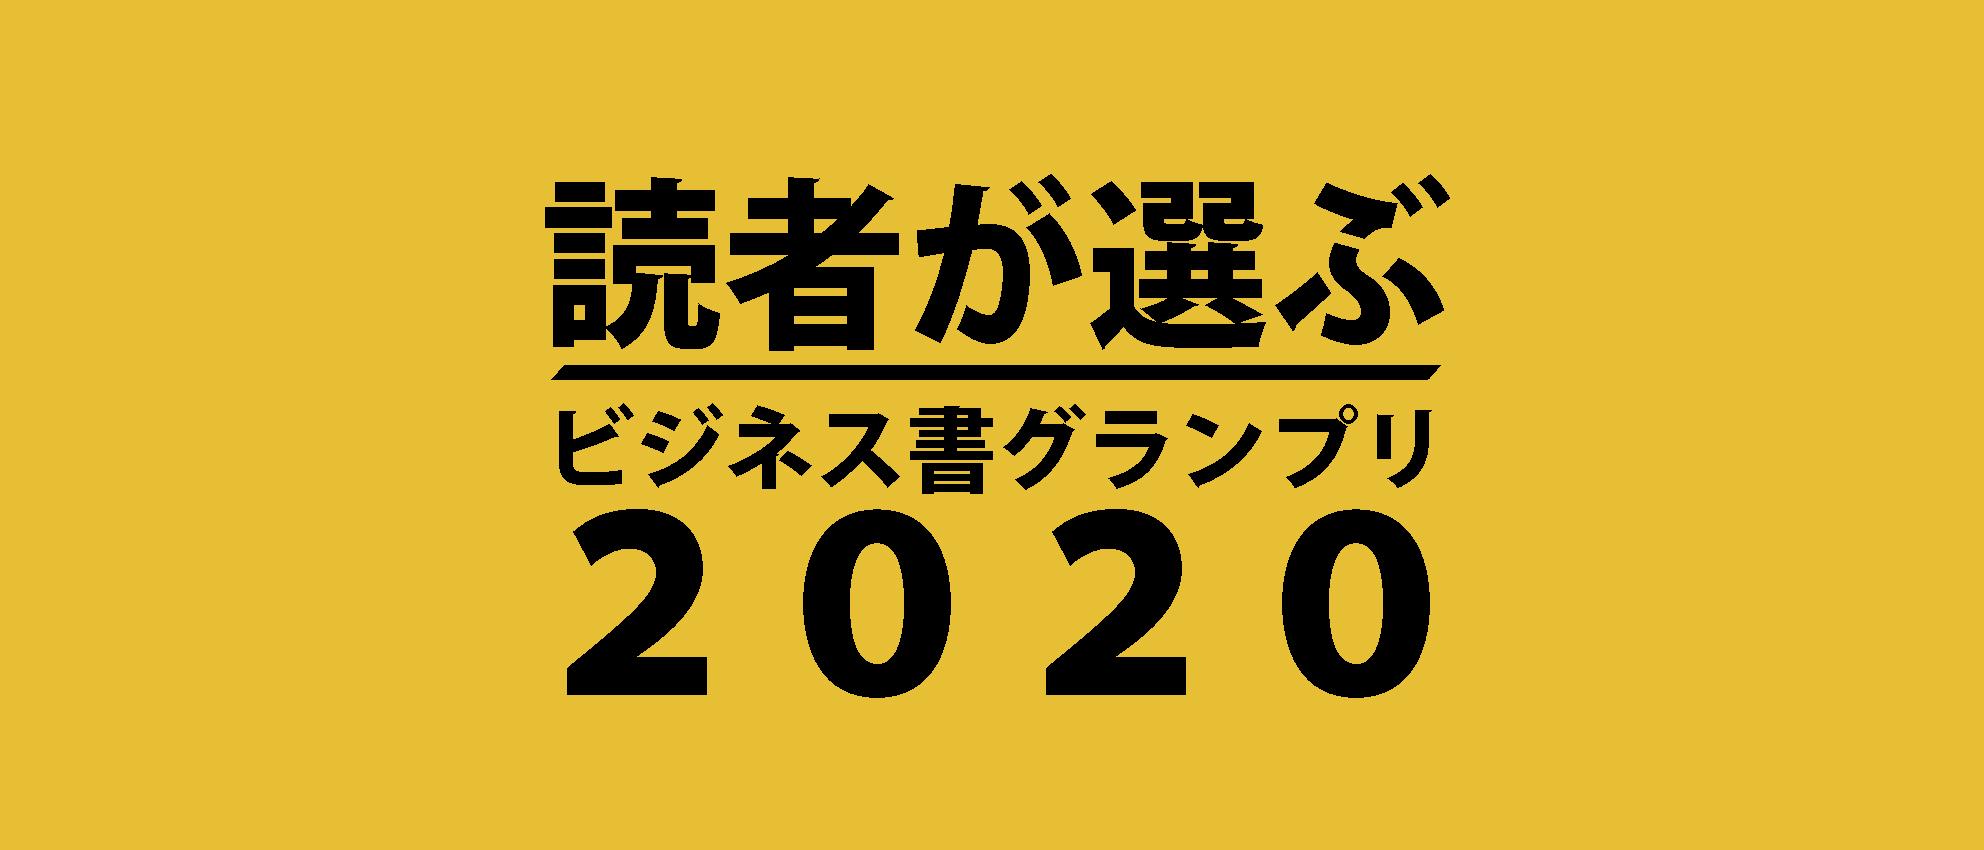 「読者が選ぶビジネス書グランプリ2018」が発表されました!